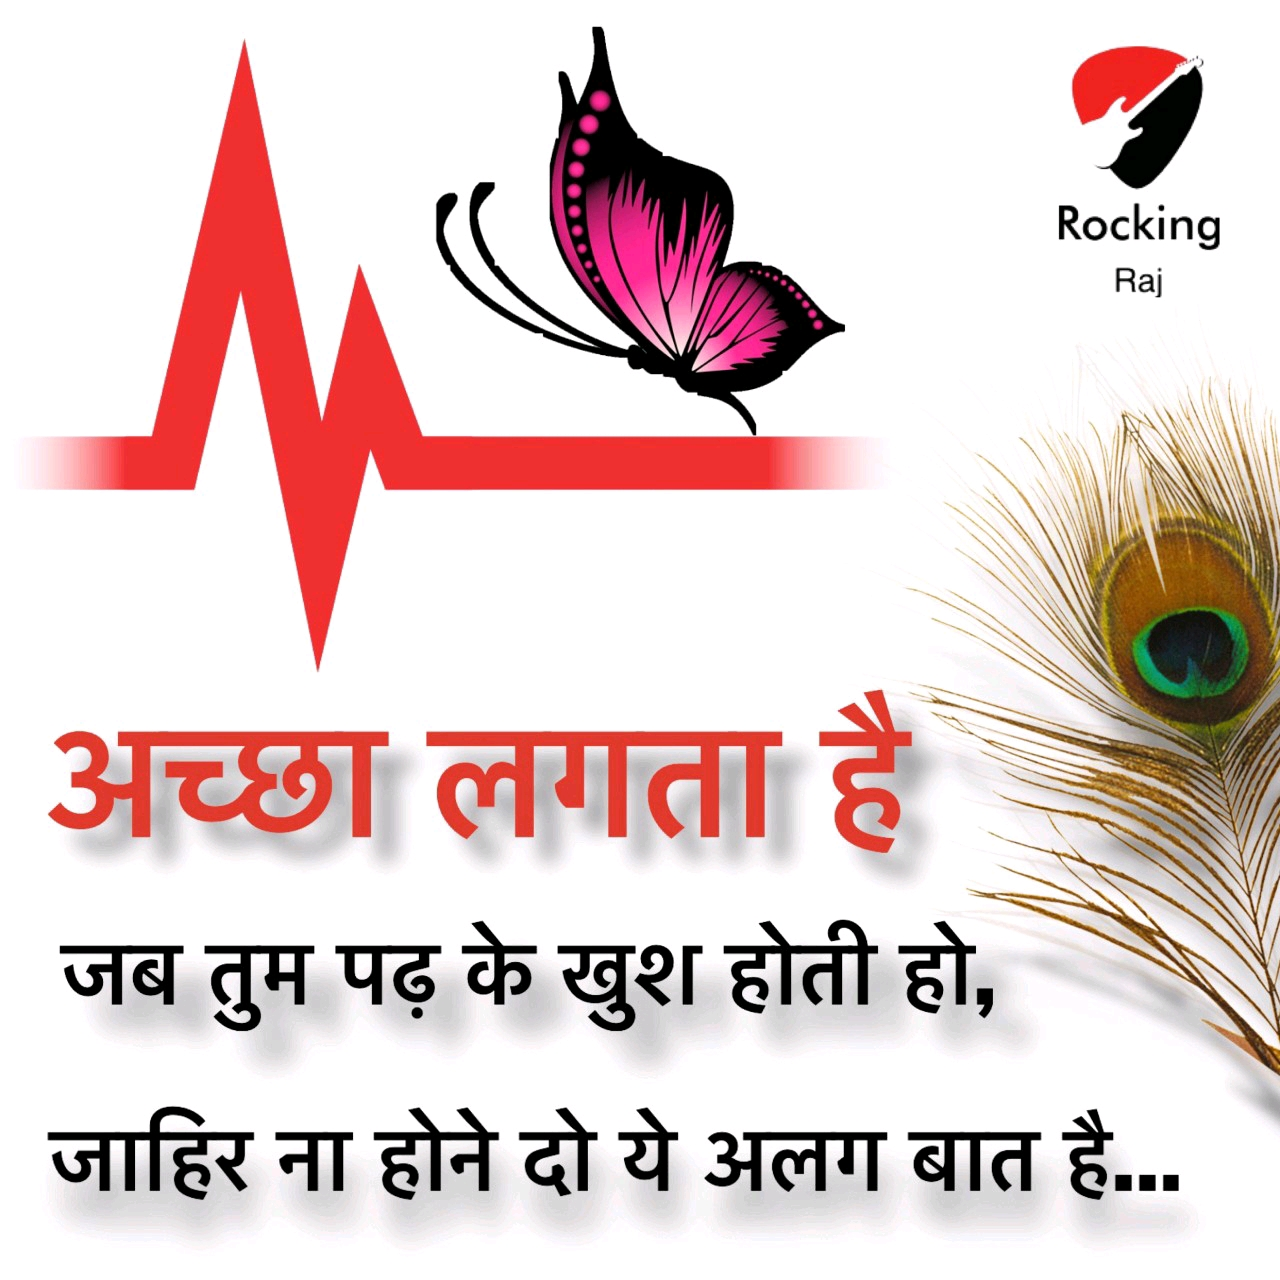 🌹प्रेमरंग - Rocking Raj अच्छा लगता है । जब तुम पढ़ के खुश होती हो , जाहिर ना होने दो ये अलग बात है . . . - ShareChat